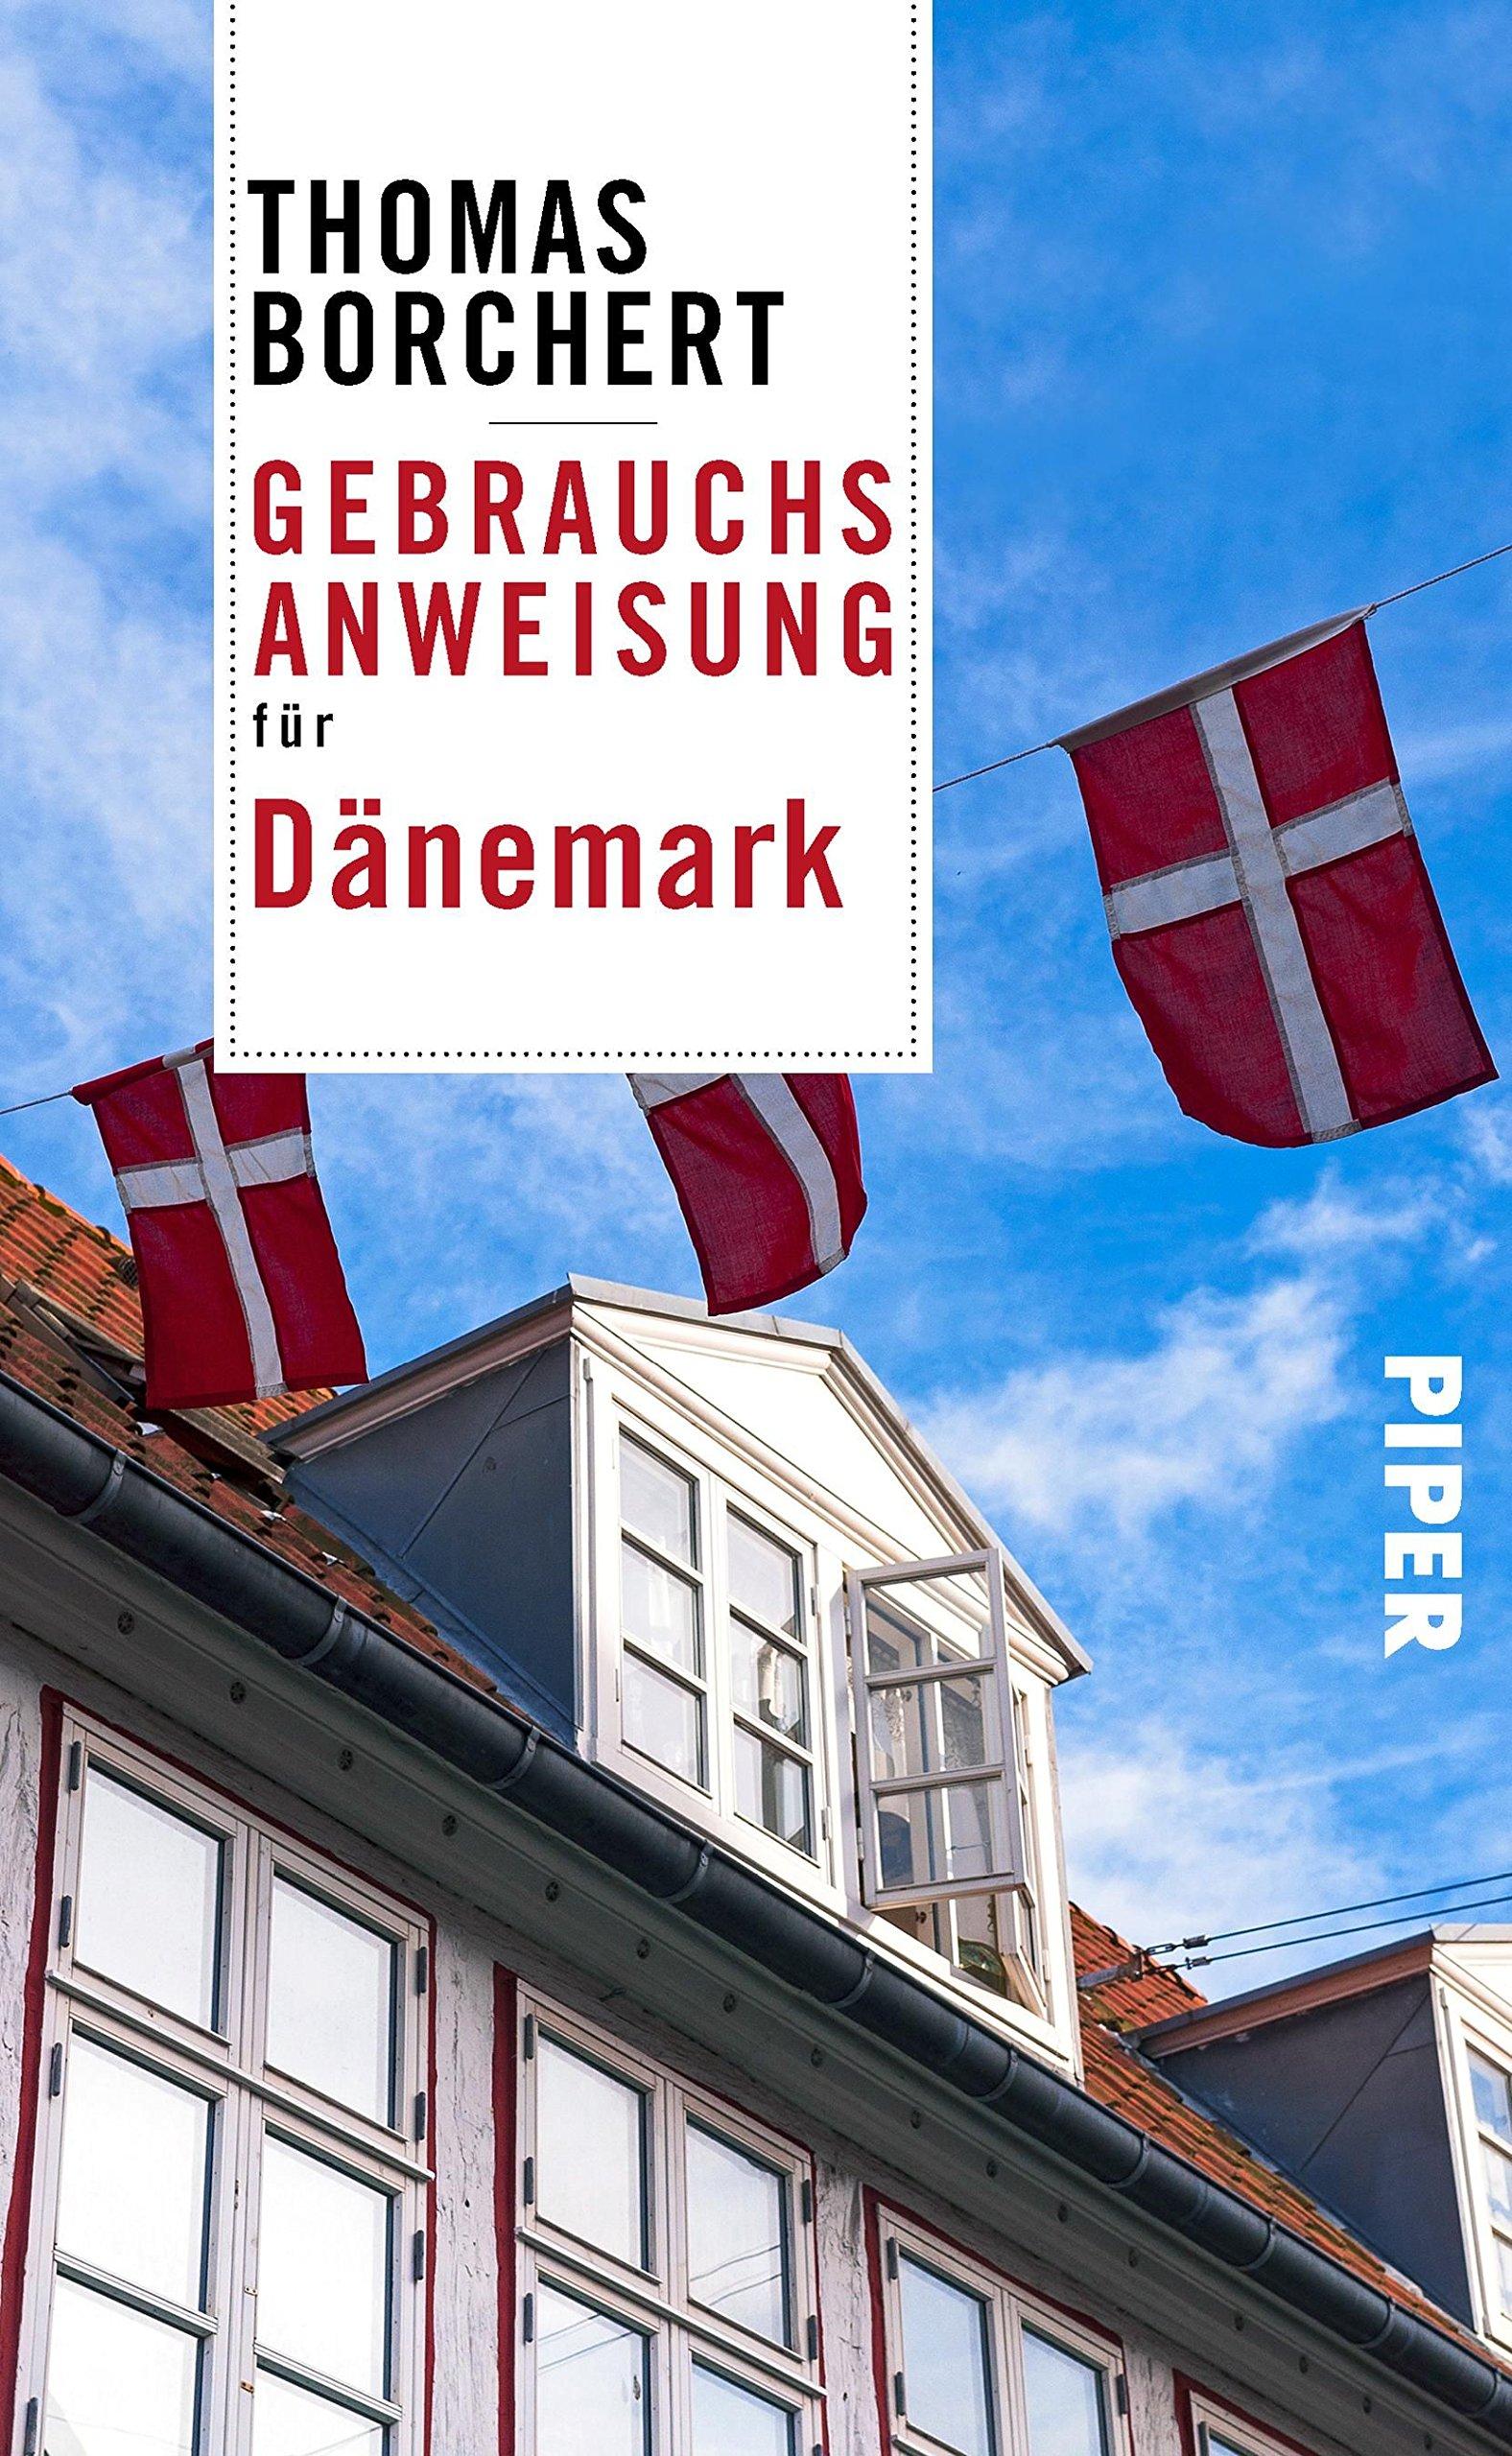 Baumarkt Dänemark 111 gründe dänemark zu lieben eine liebeserklärung an das schönste